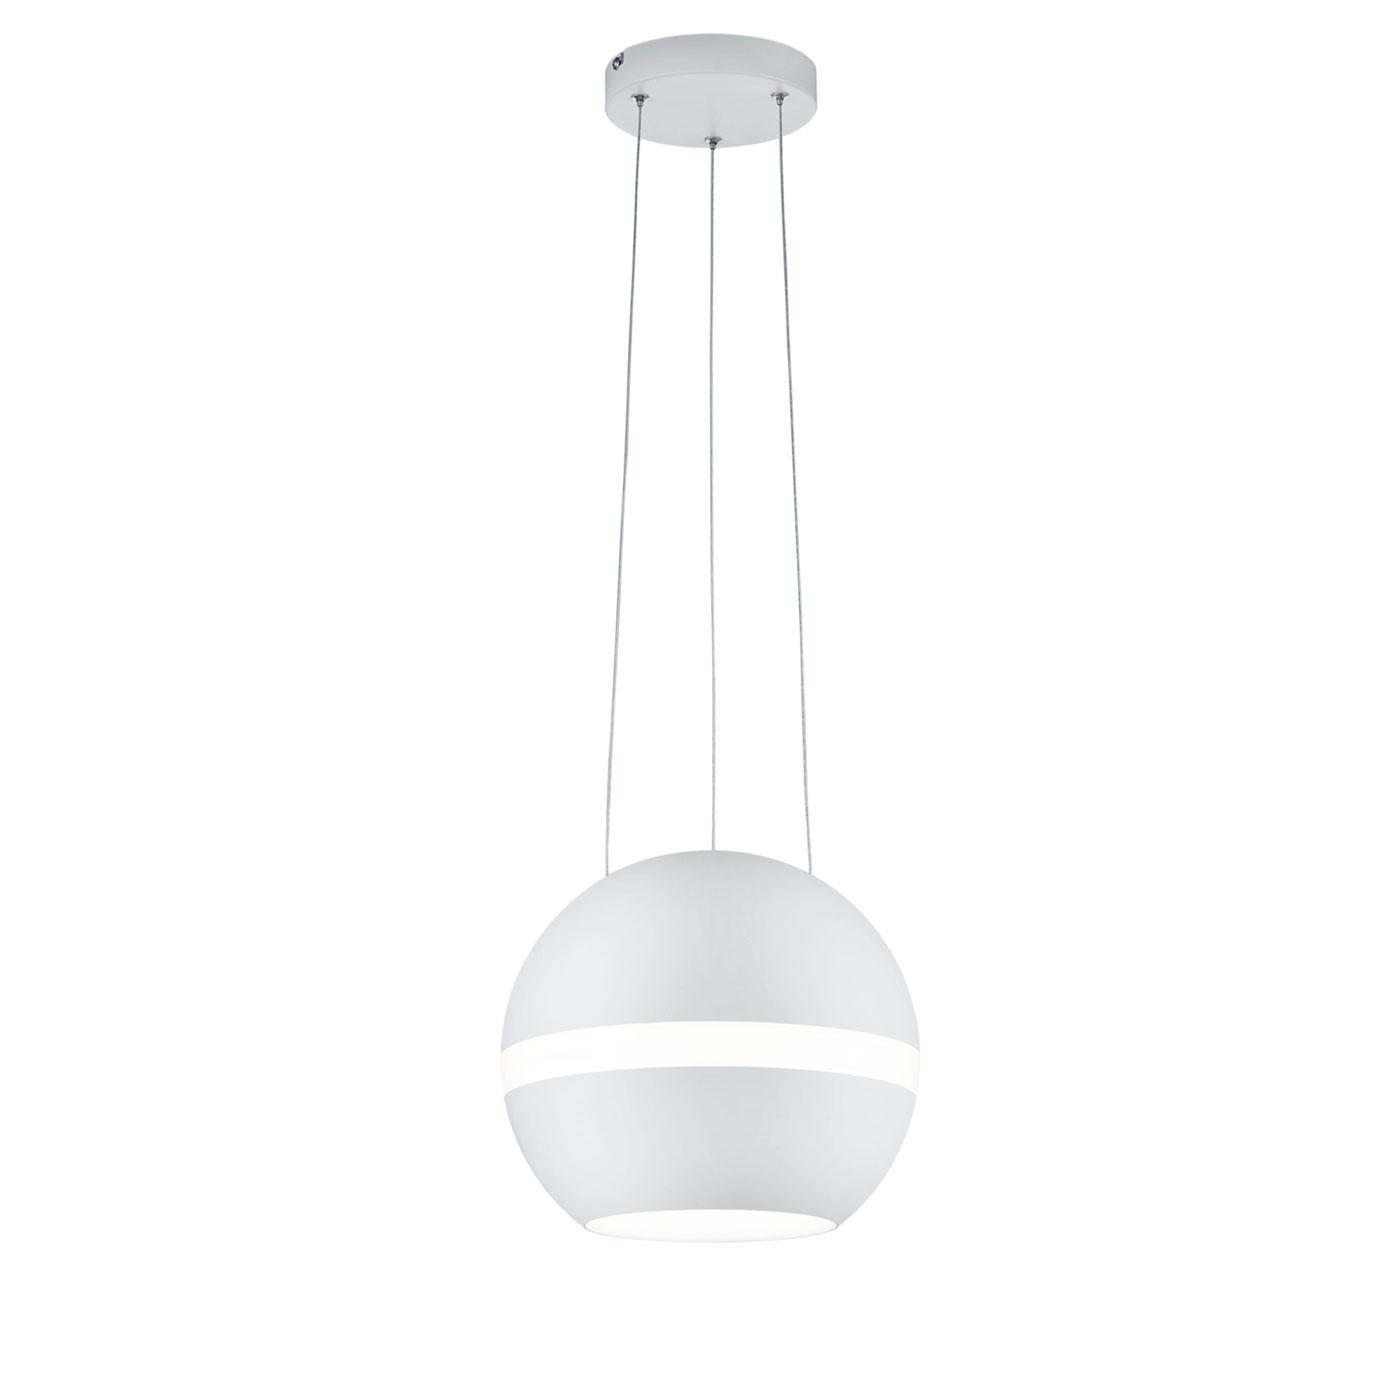 Trio LED Deckenleuchte RL202 Deckenlampe EEK A 13,5W